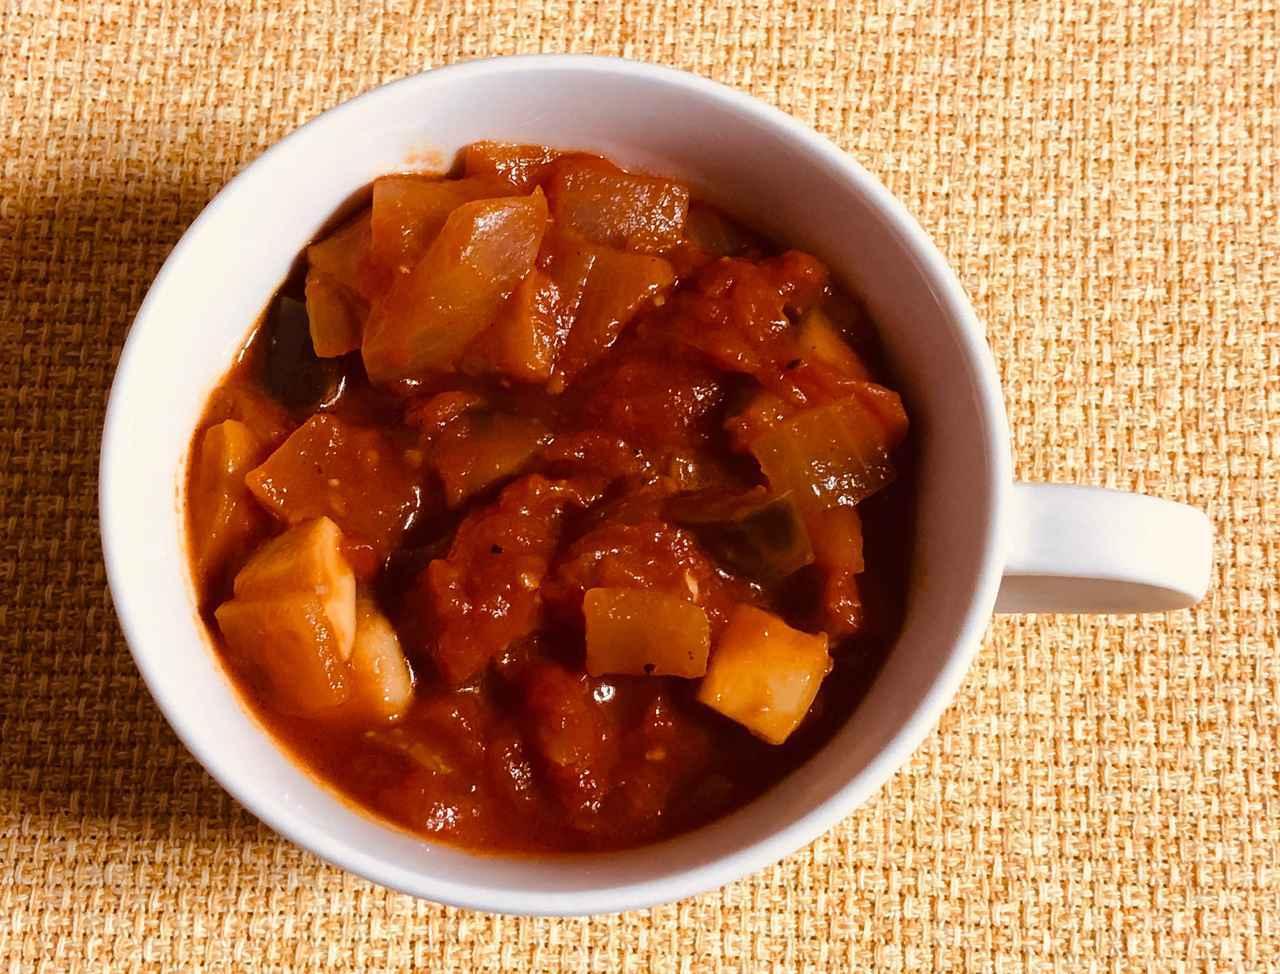 画像: 【簡単レシピ】ラタトゥイユはズッキーニがなくても作れちゃう! アレンジ方法も伝授 - ハピキャン(HAPPY CAMPER)